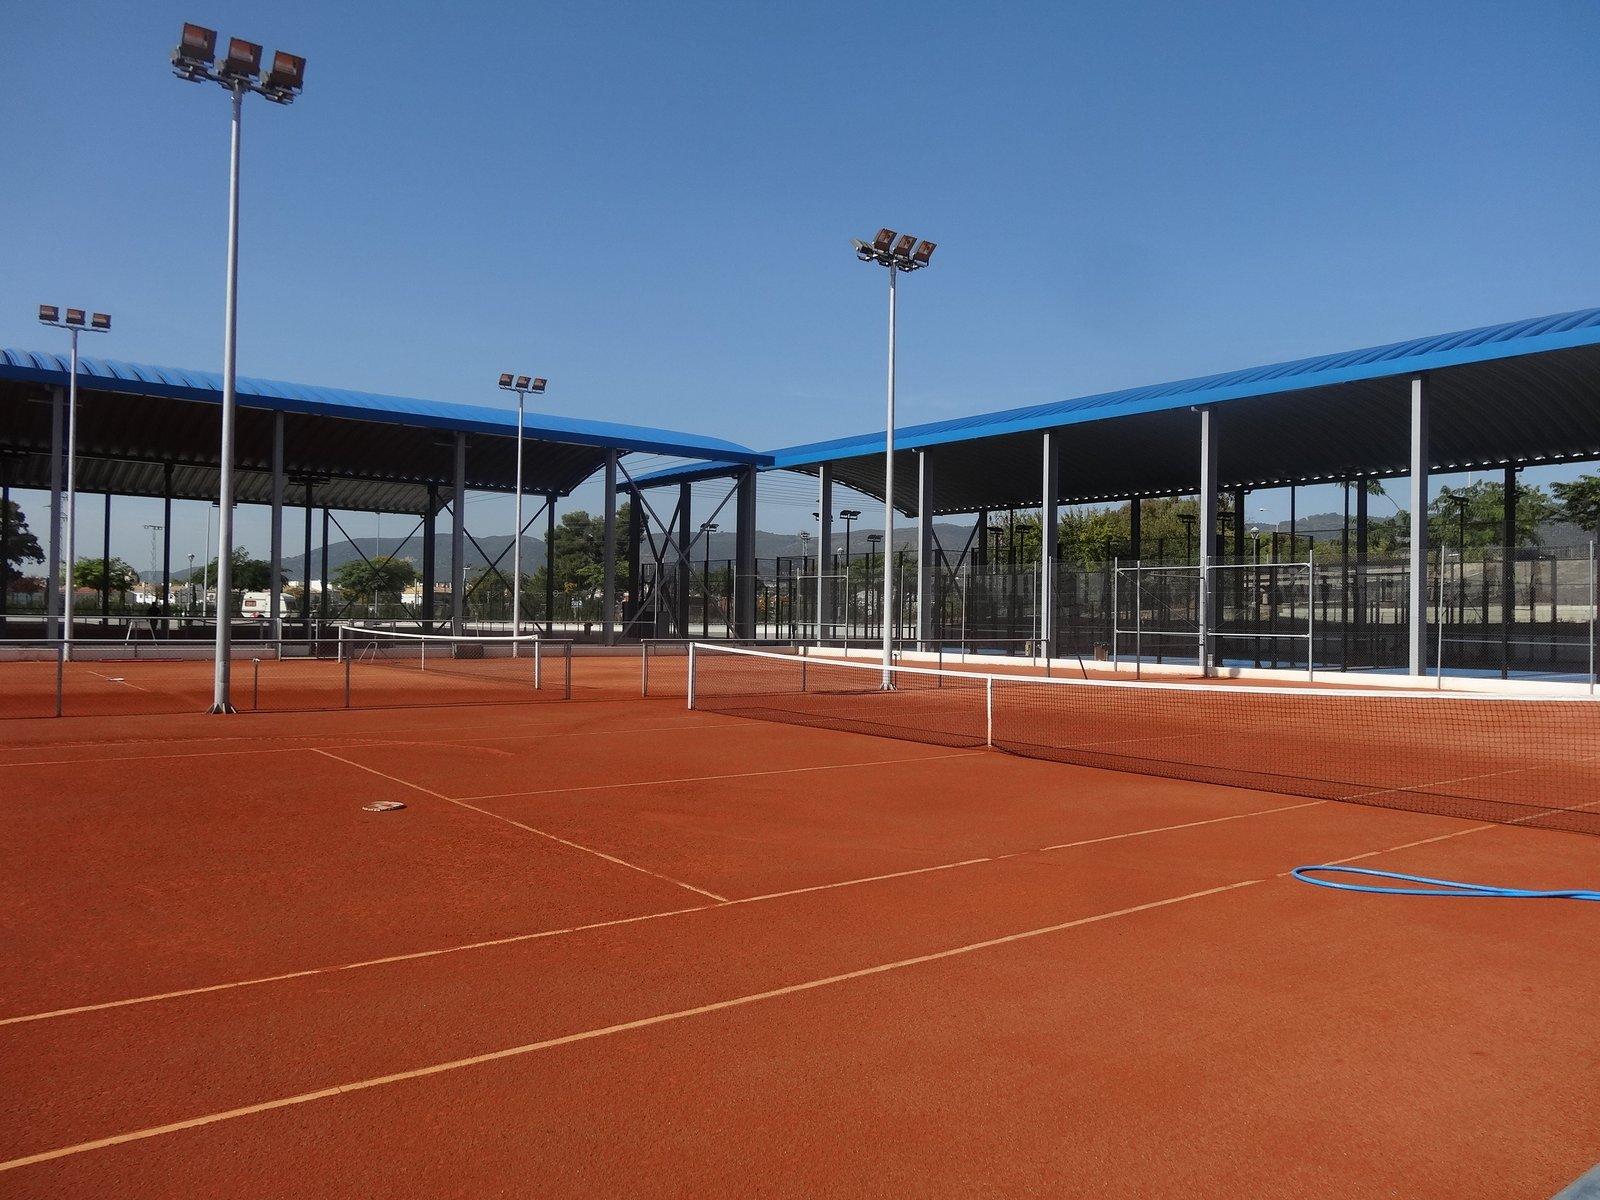 pista-tenis-tierra batida-cubierta-construccion